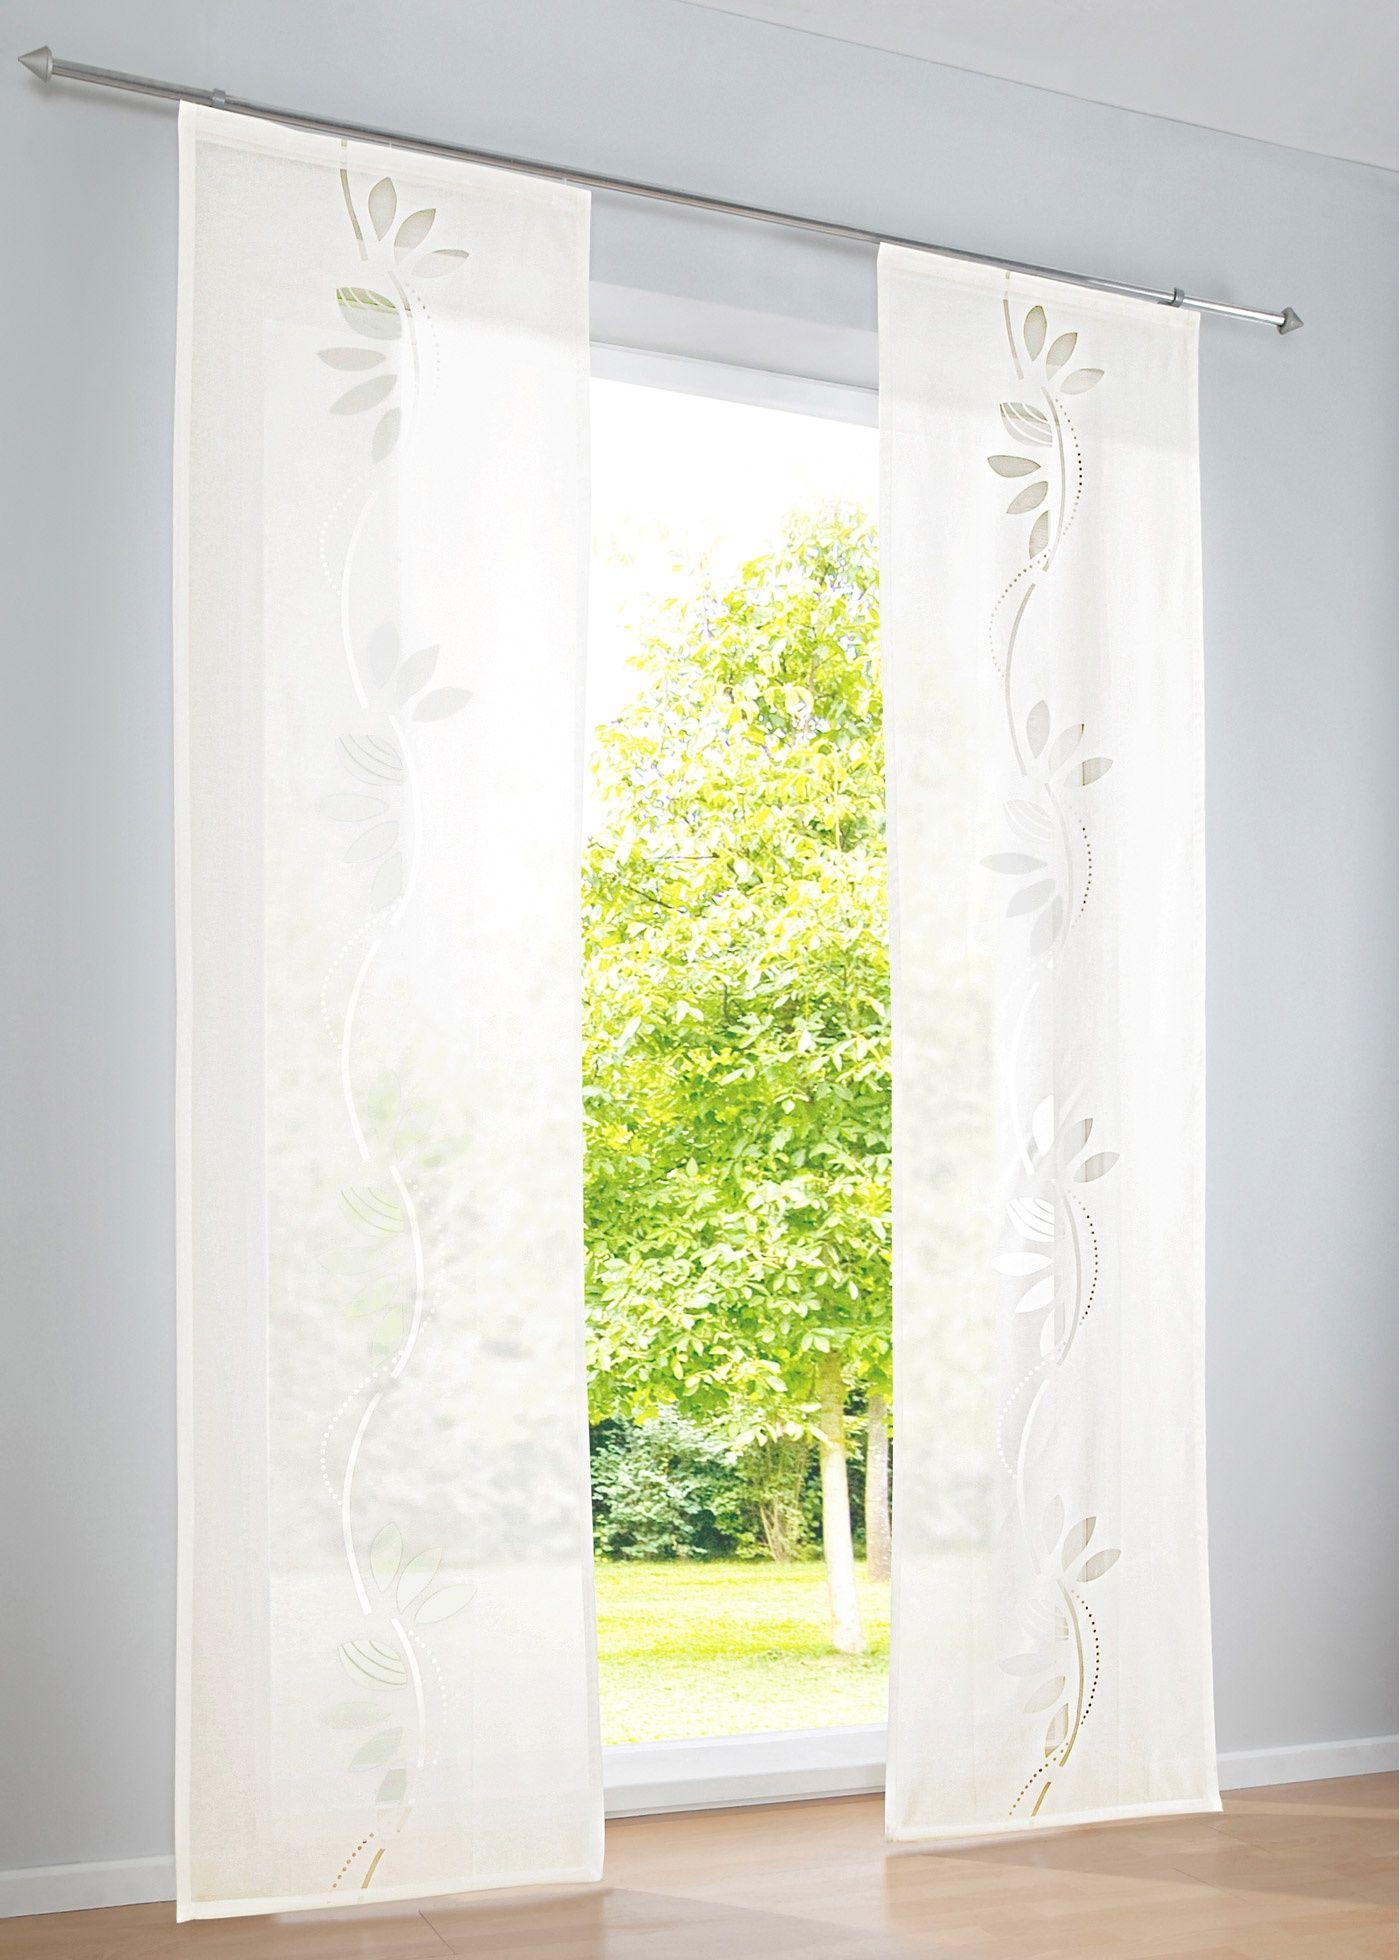 panneau coulissant sur rail free rideau coulissant collection avec tringle rideau rail photo. Black Bedroom Furniture Sets. Home Design Ideas